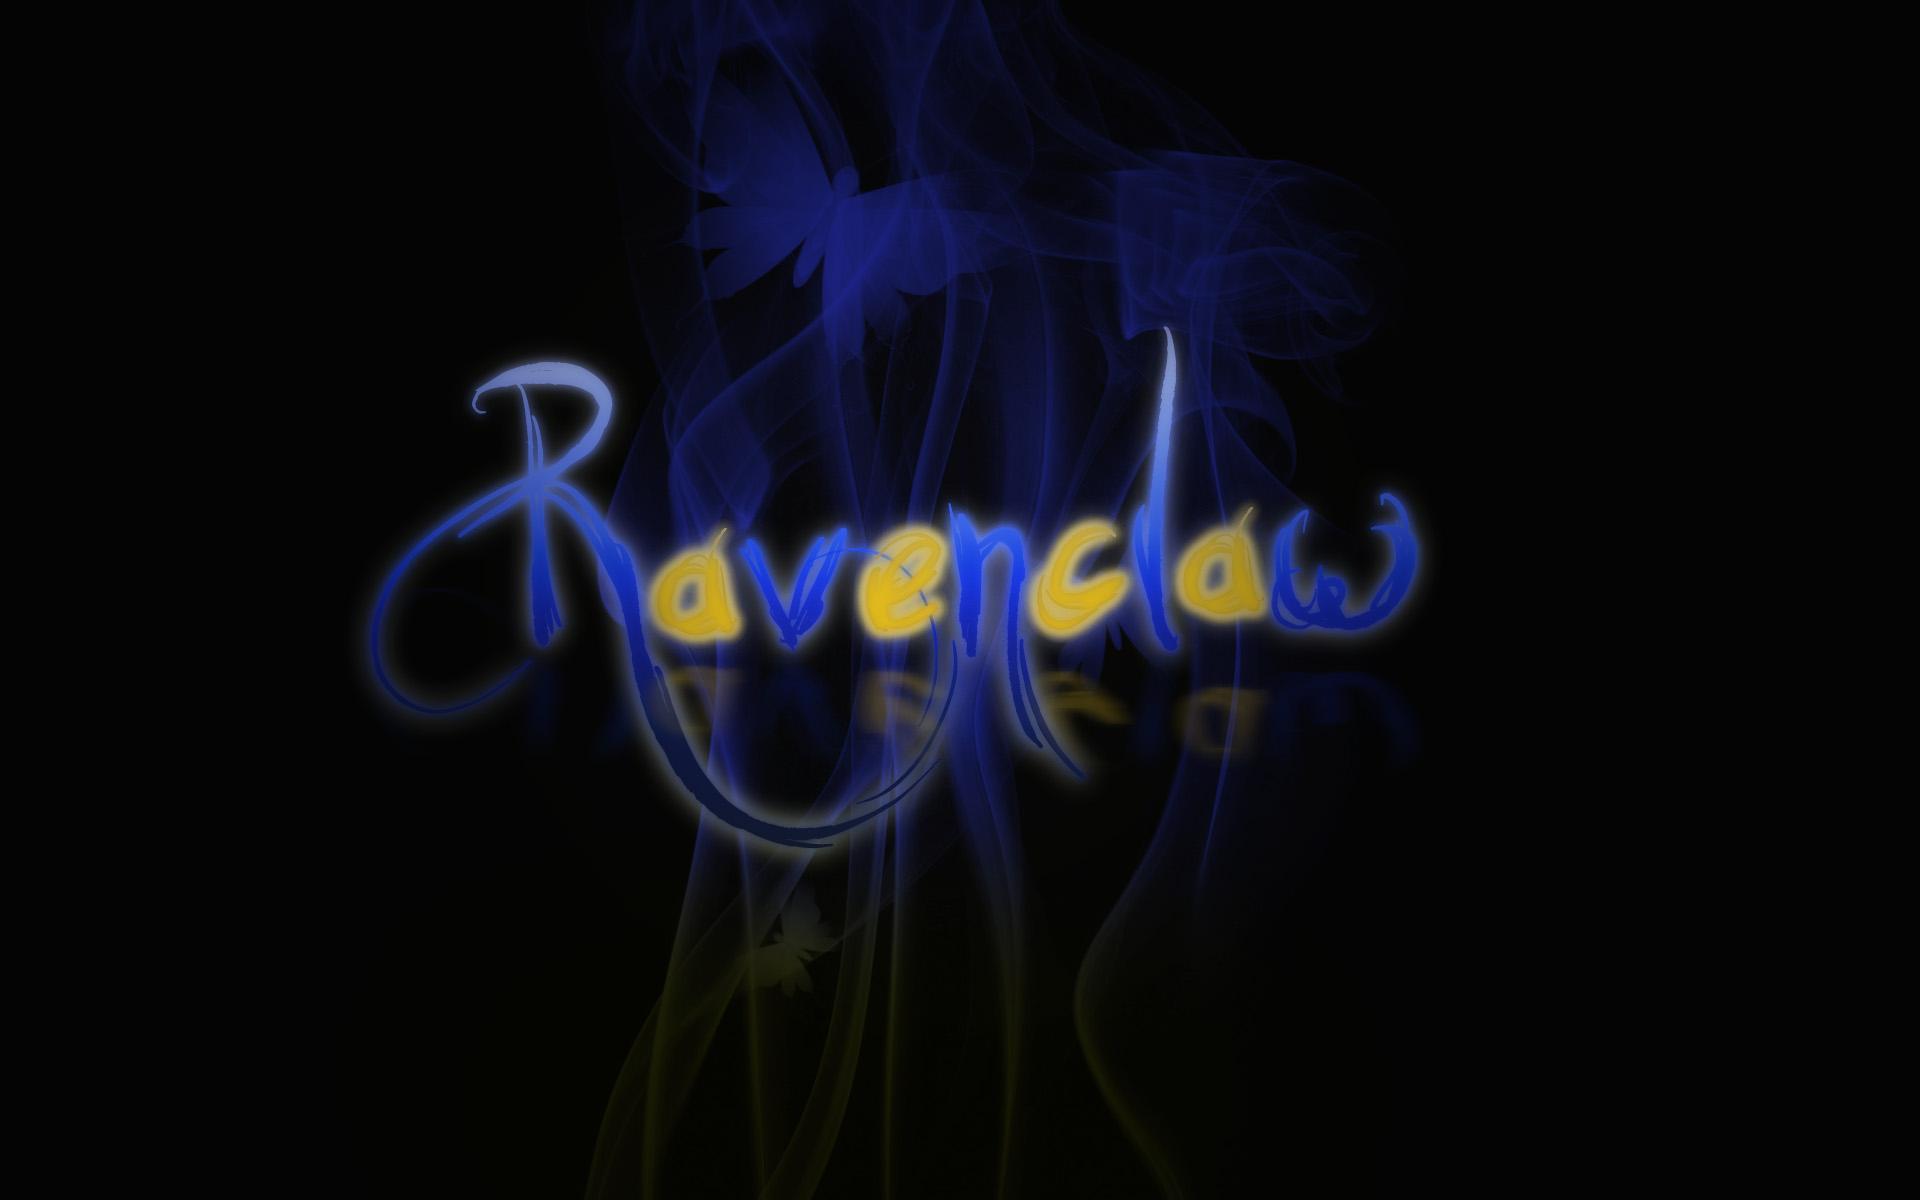 Ravenclaw Wallpaper by GlobalParody 1920x1200